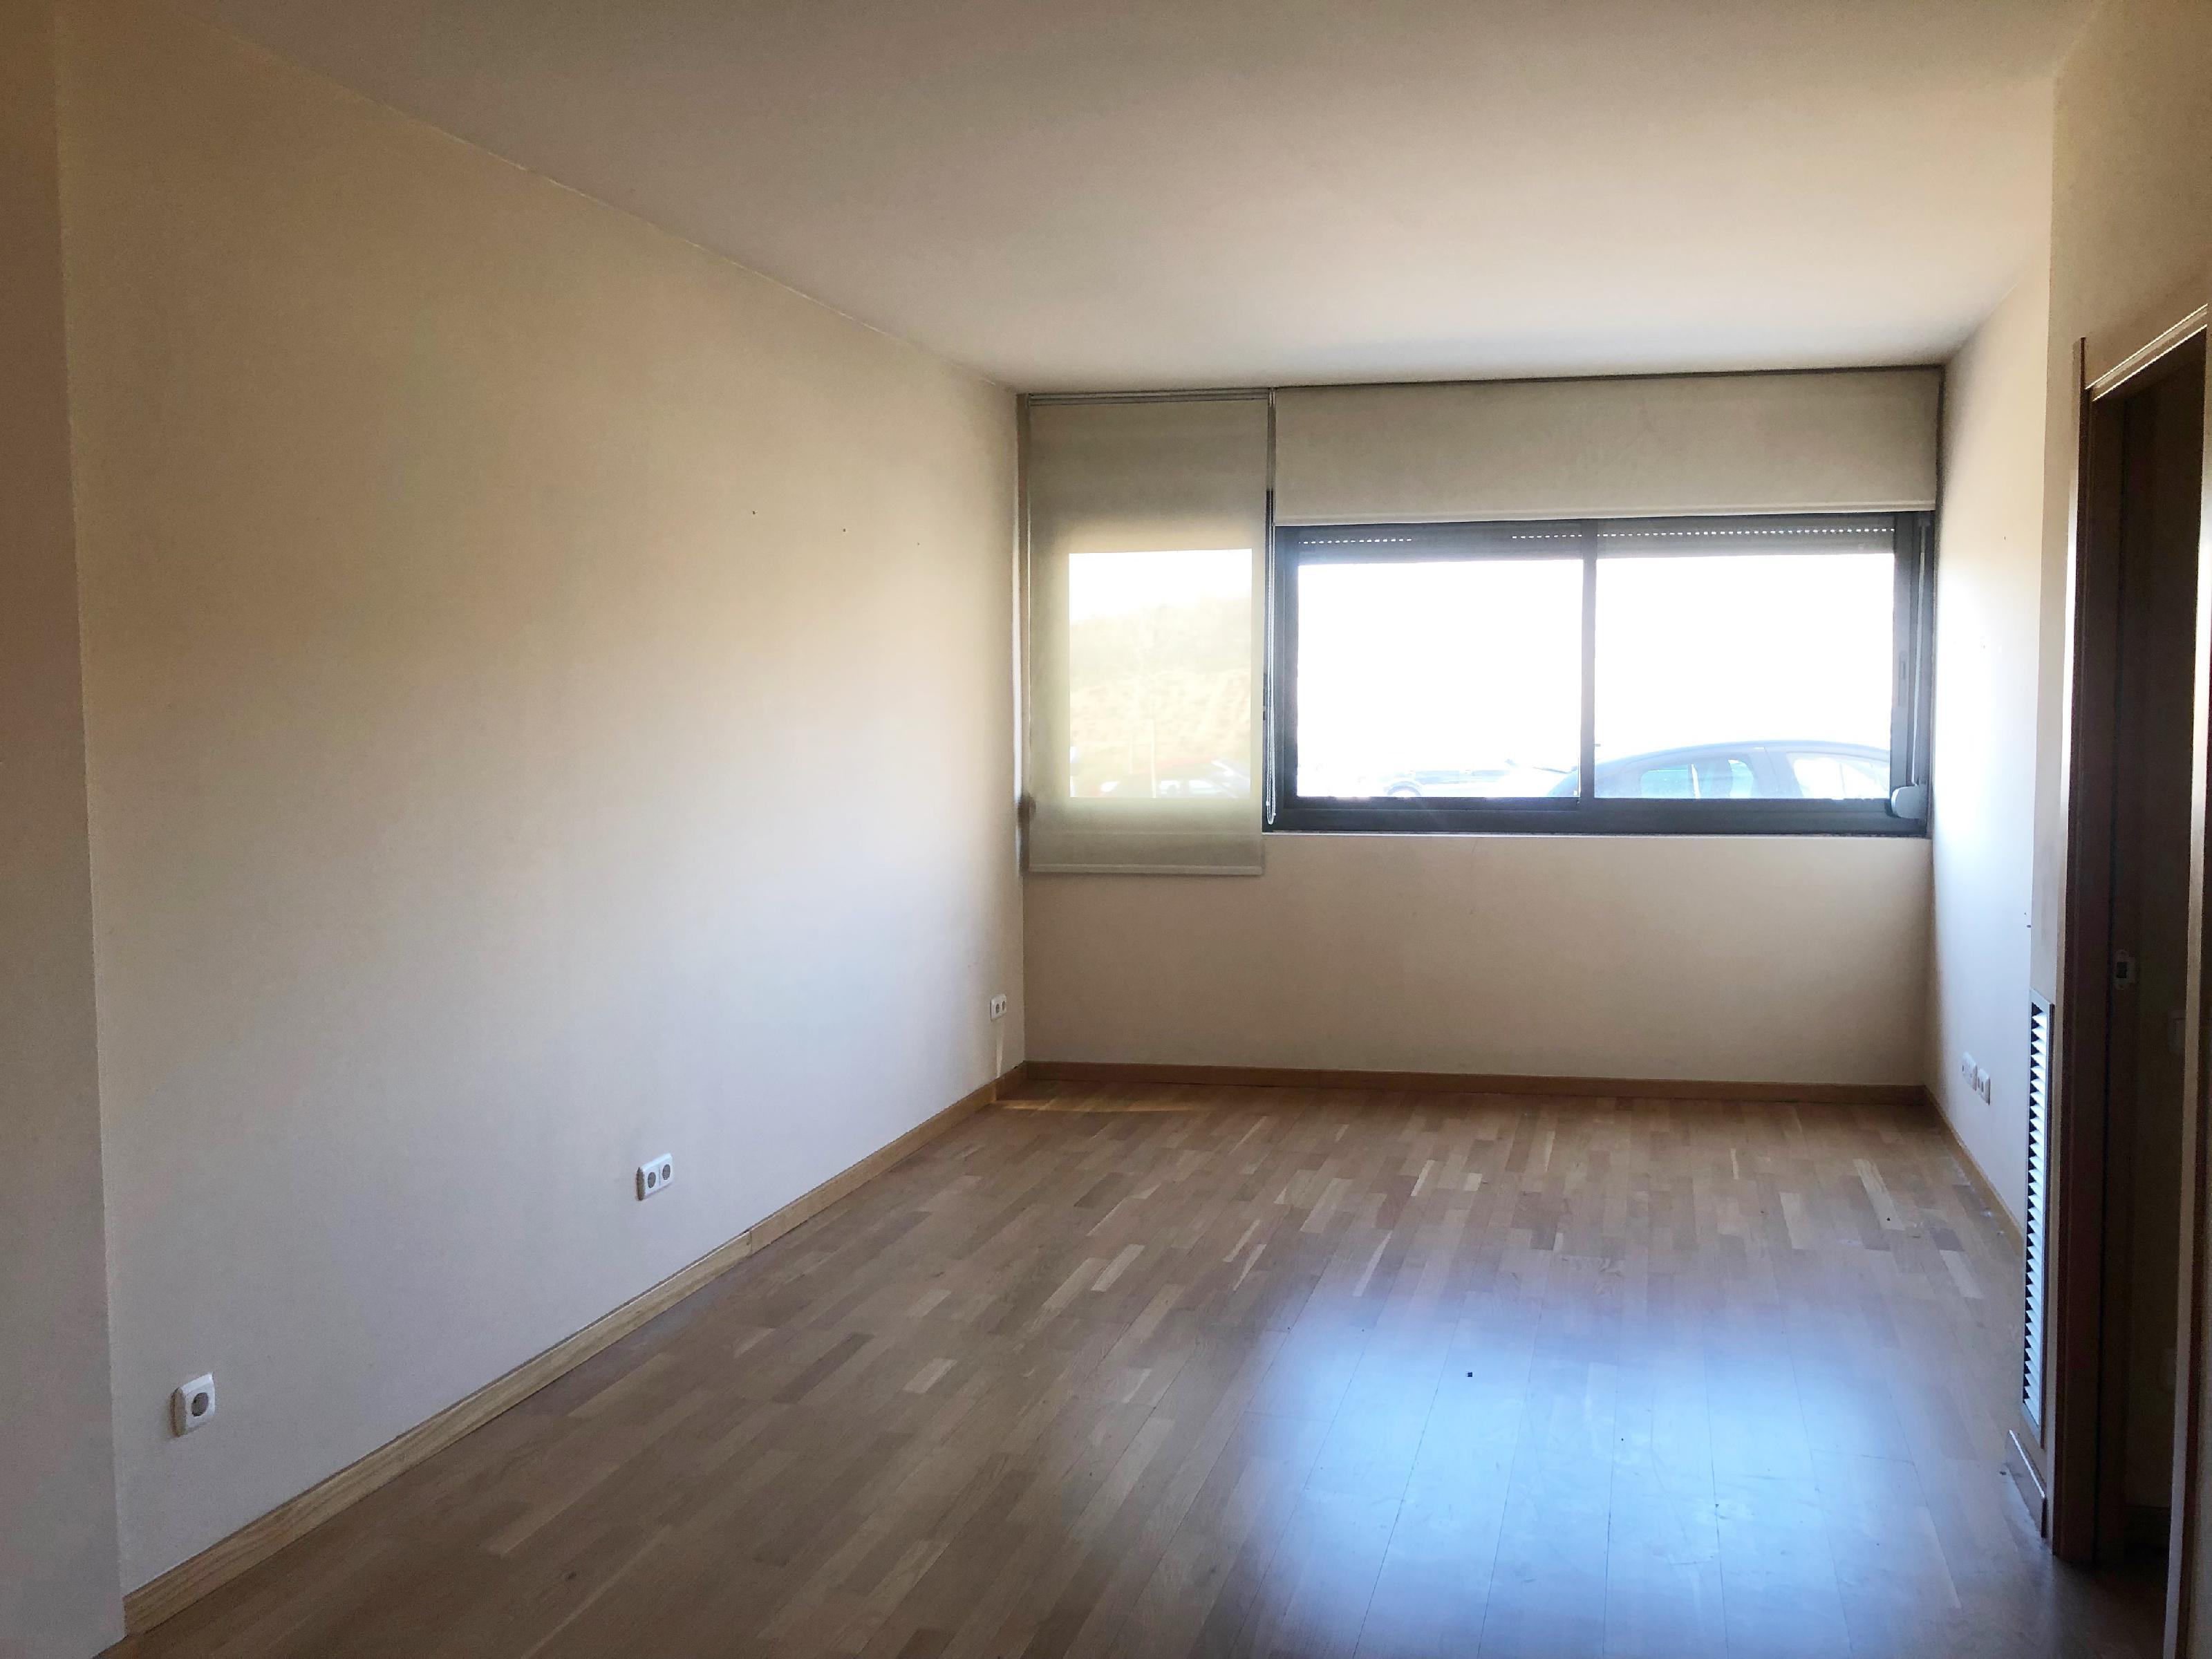 Imagen 2 Piso en venta en Santa Perpètua De Mogoda / Terrablanca - Próximo a servicios y vías de acceso